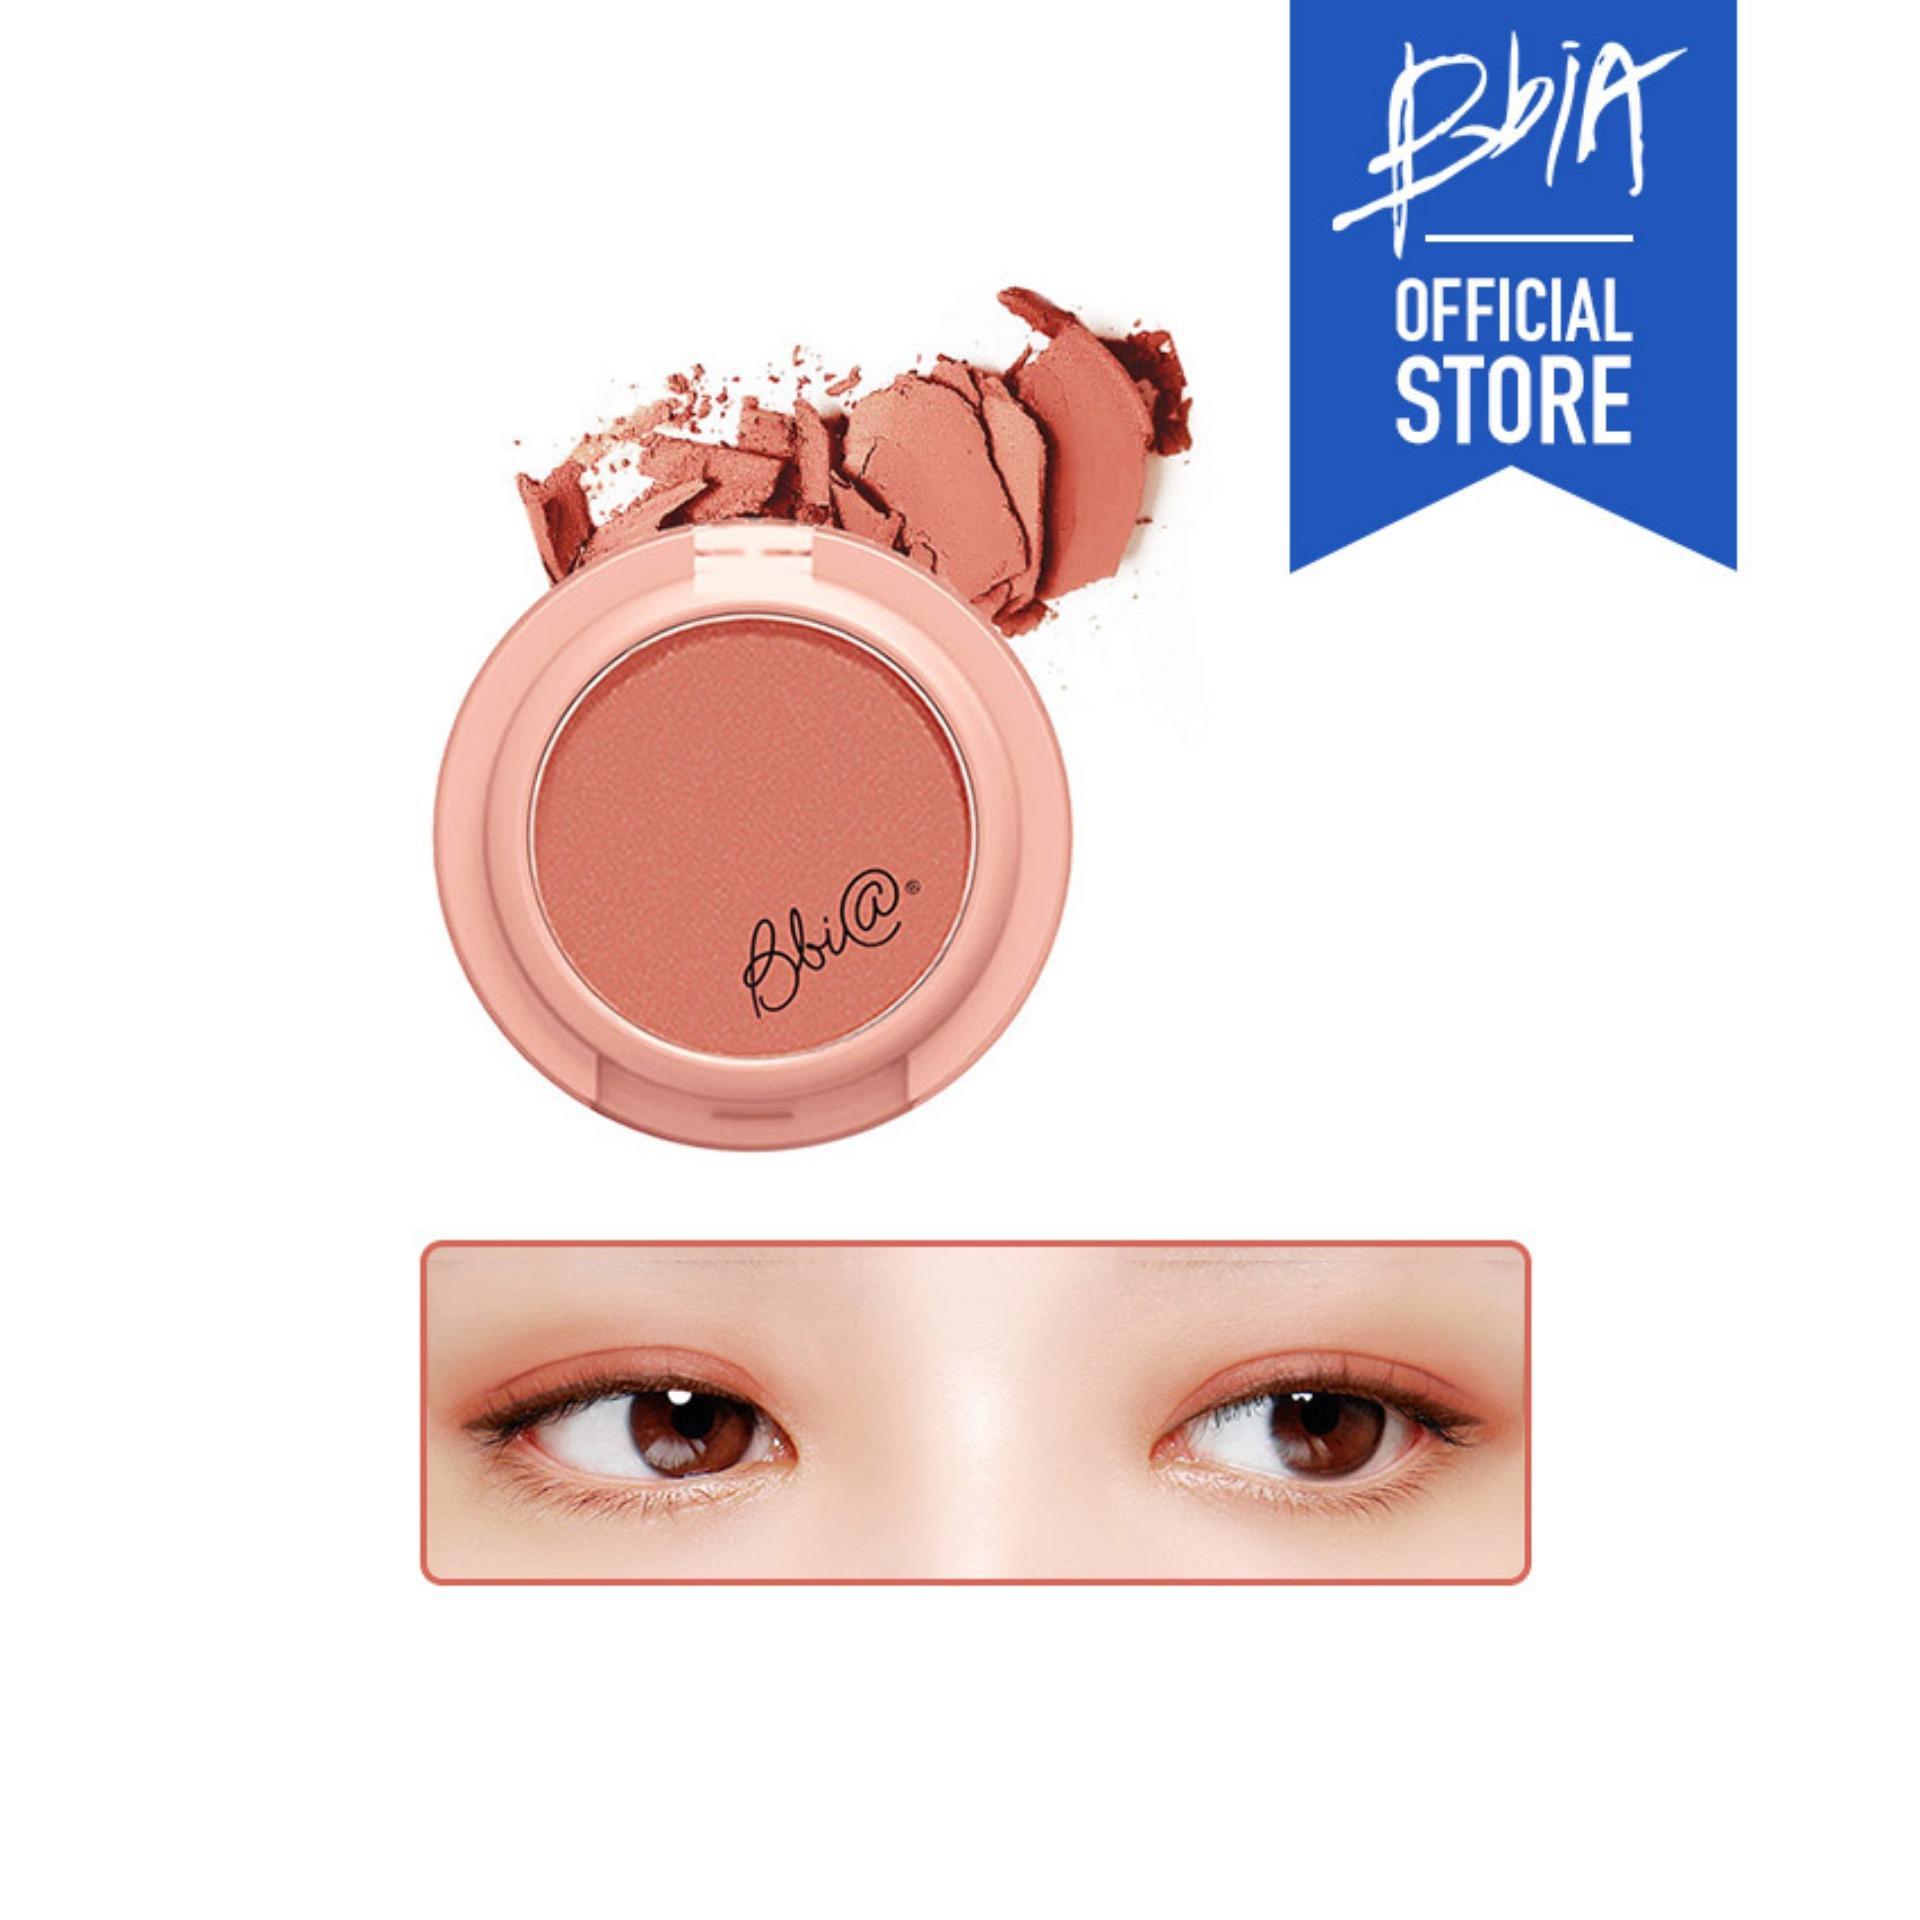 Phấn mắt Bbia Cashmere Shadow - 09 Mauve Blanc ( màu Cam Đất ) tốt nhất